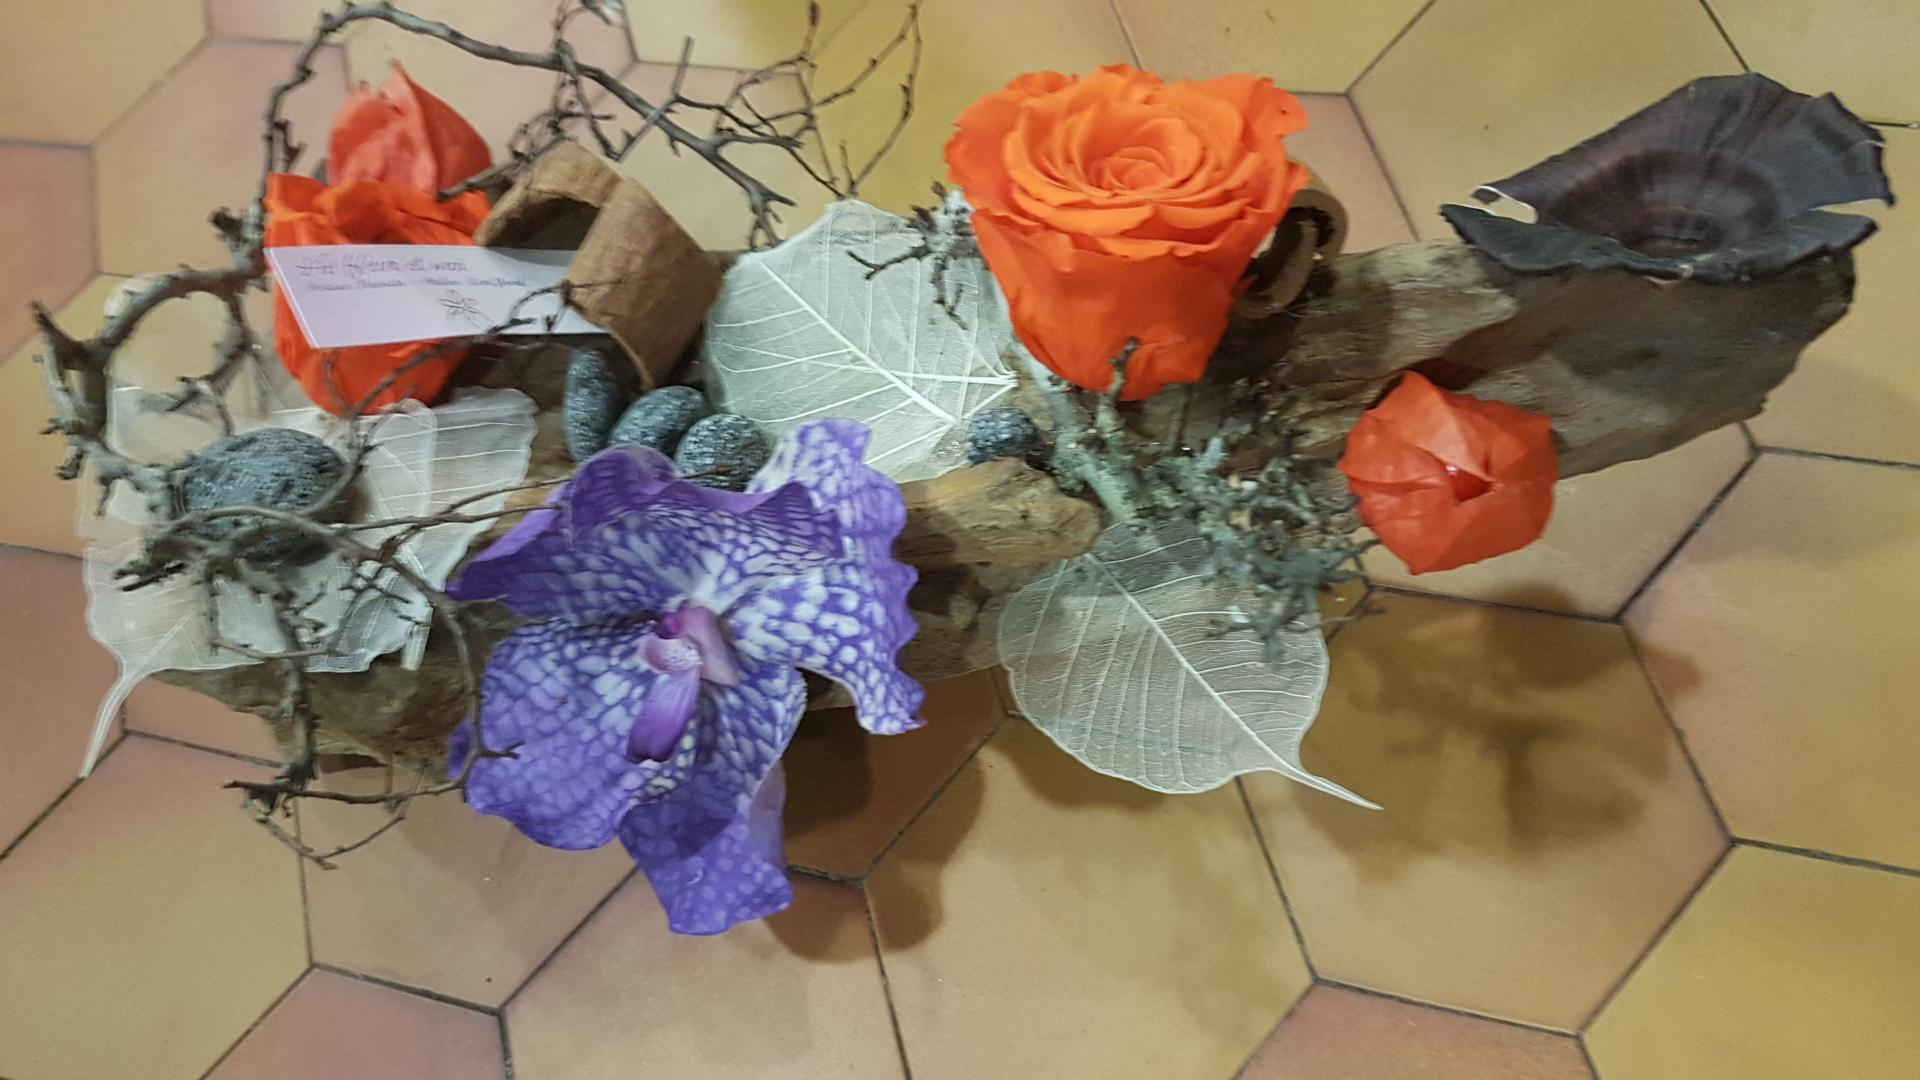 Rose éternelle Hé fleur et moi fleuriste de Valenciennes